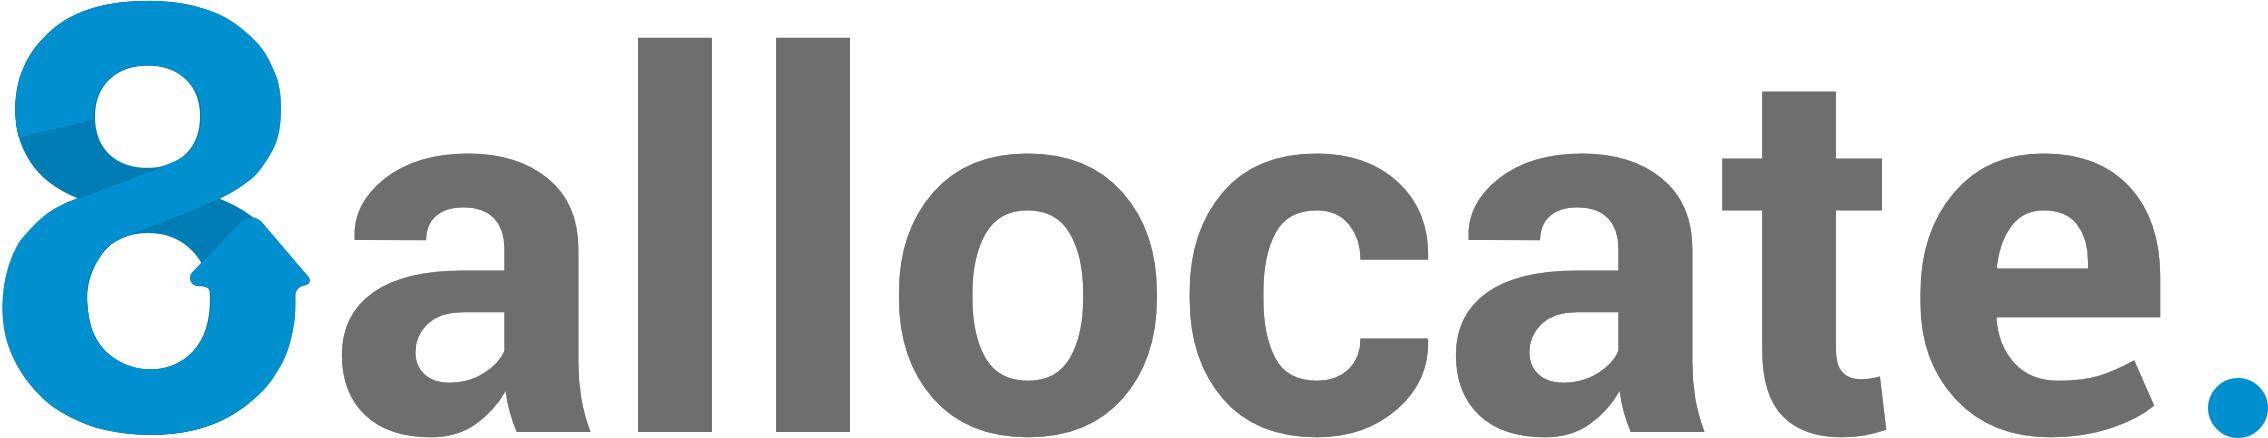 8allocate Software Development